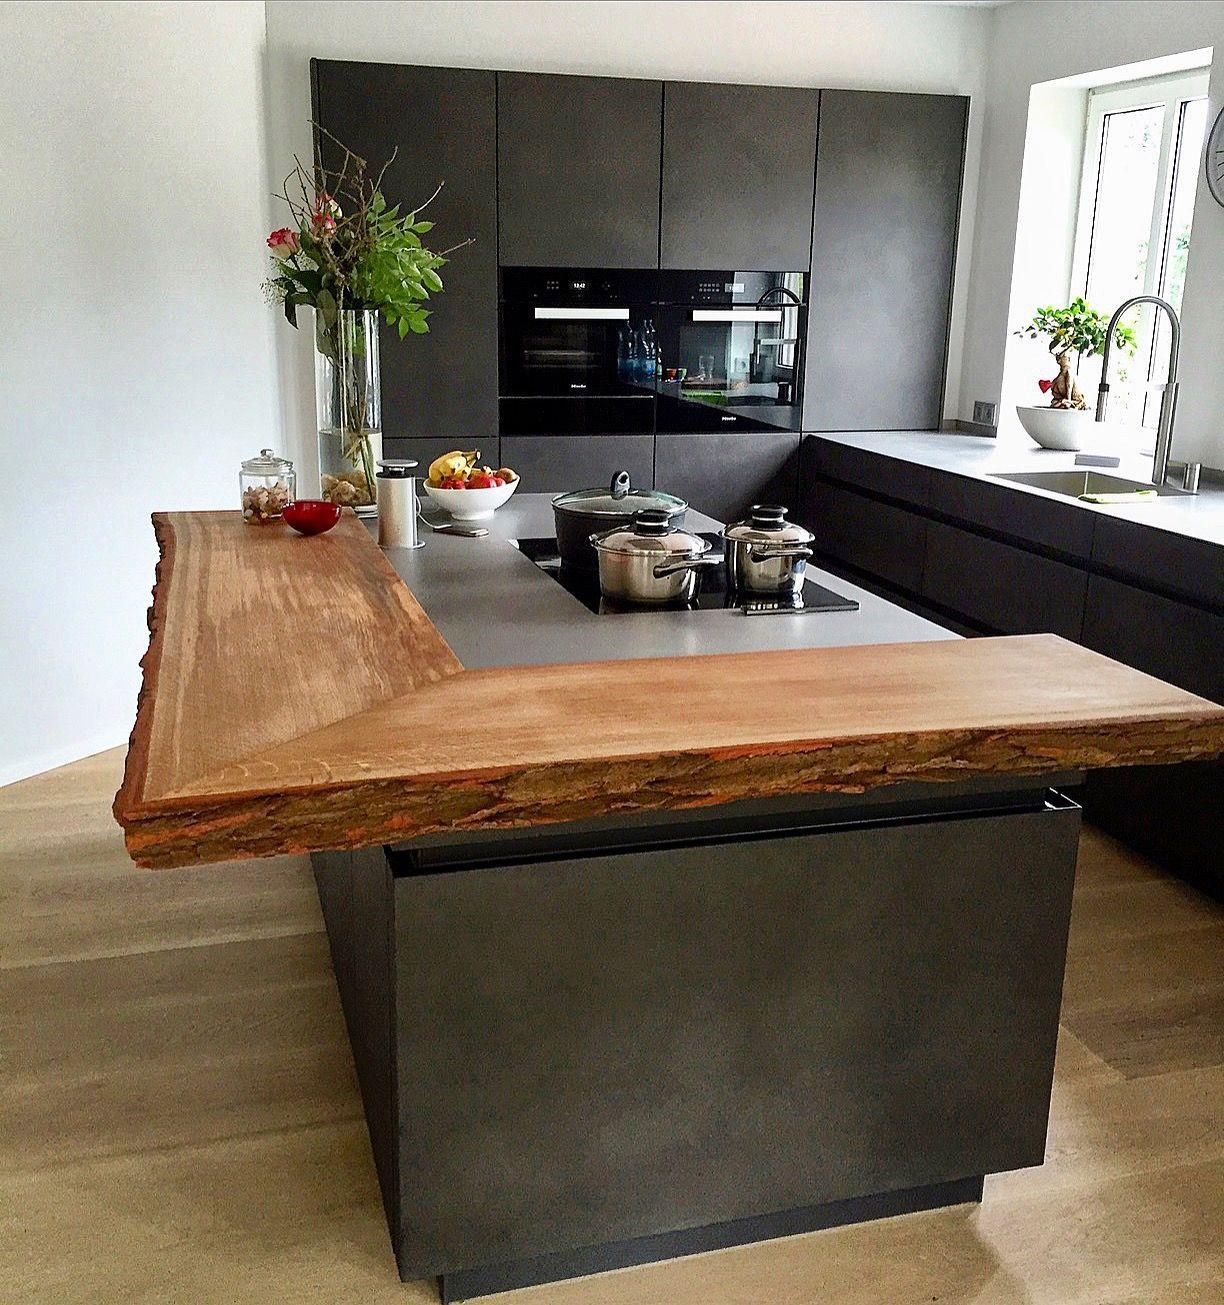 Küche Küchenblock Küchentresen Holz Bartresen in 19